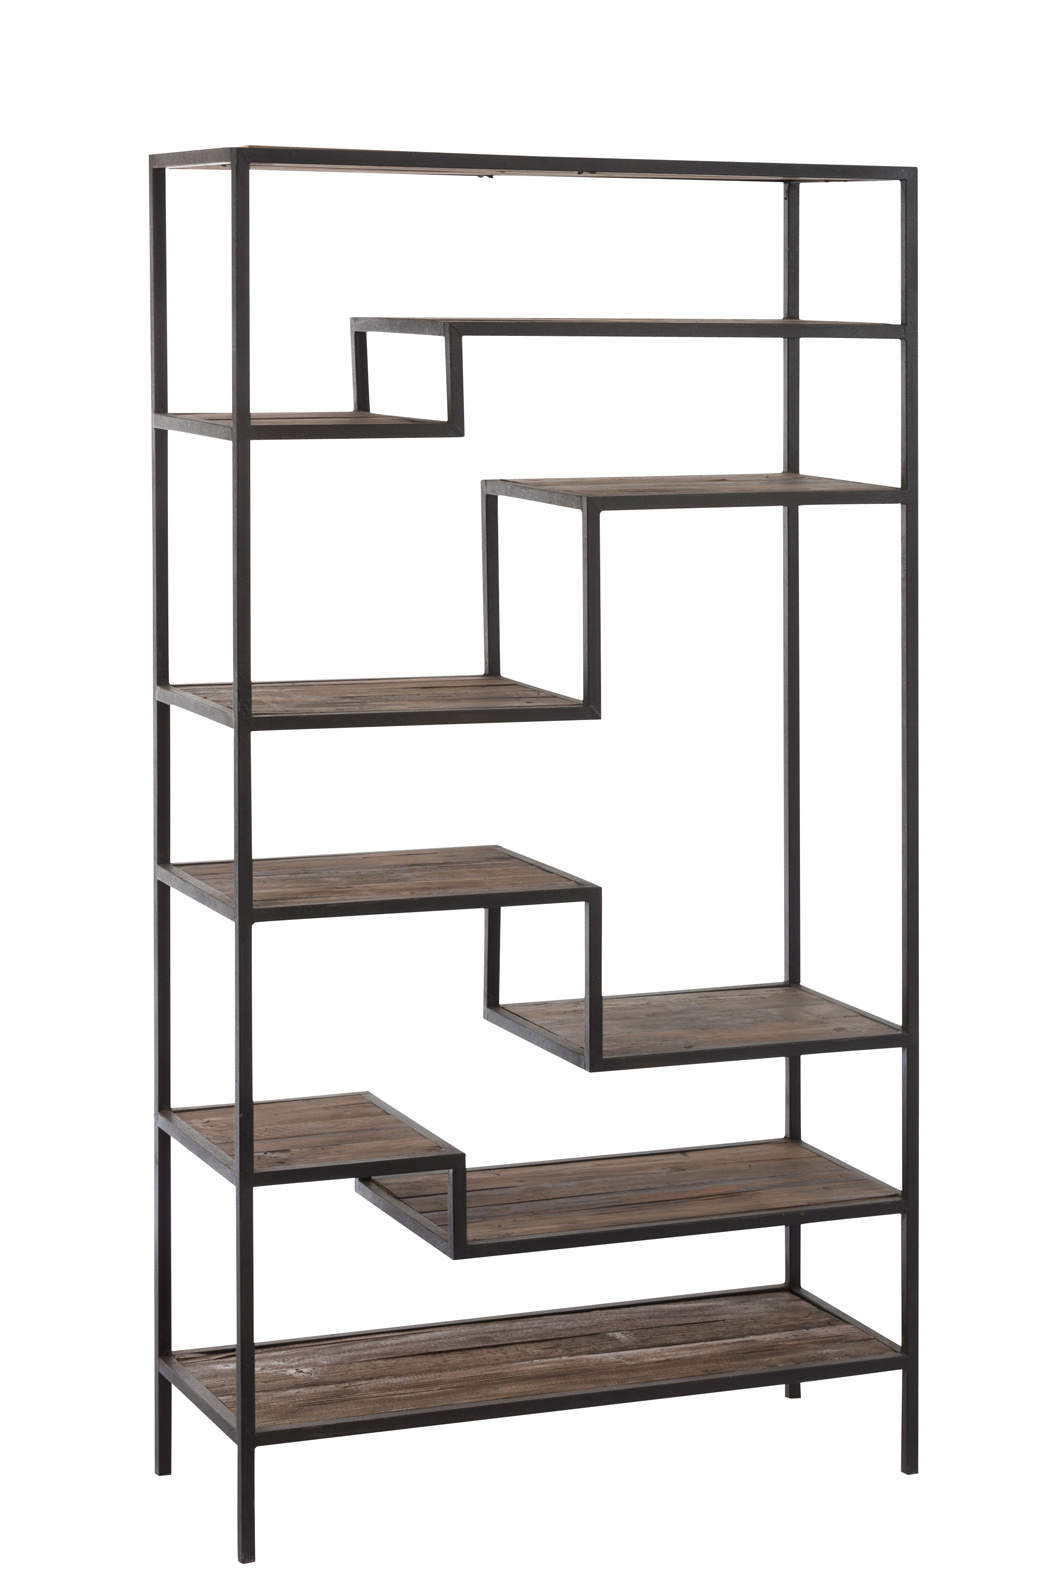 Duverger Industry - Rek - rechthoekig - 9 houten legborden - zwart - metalen frame